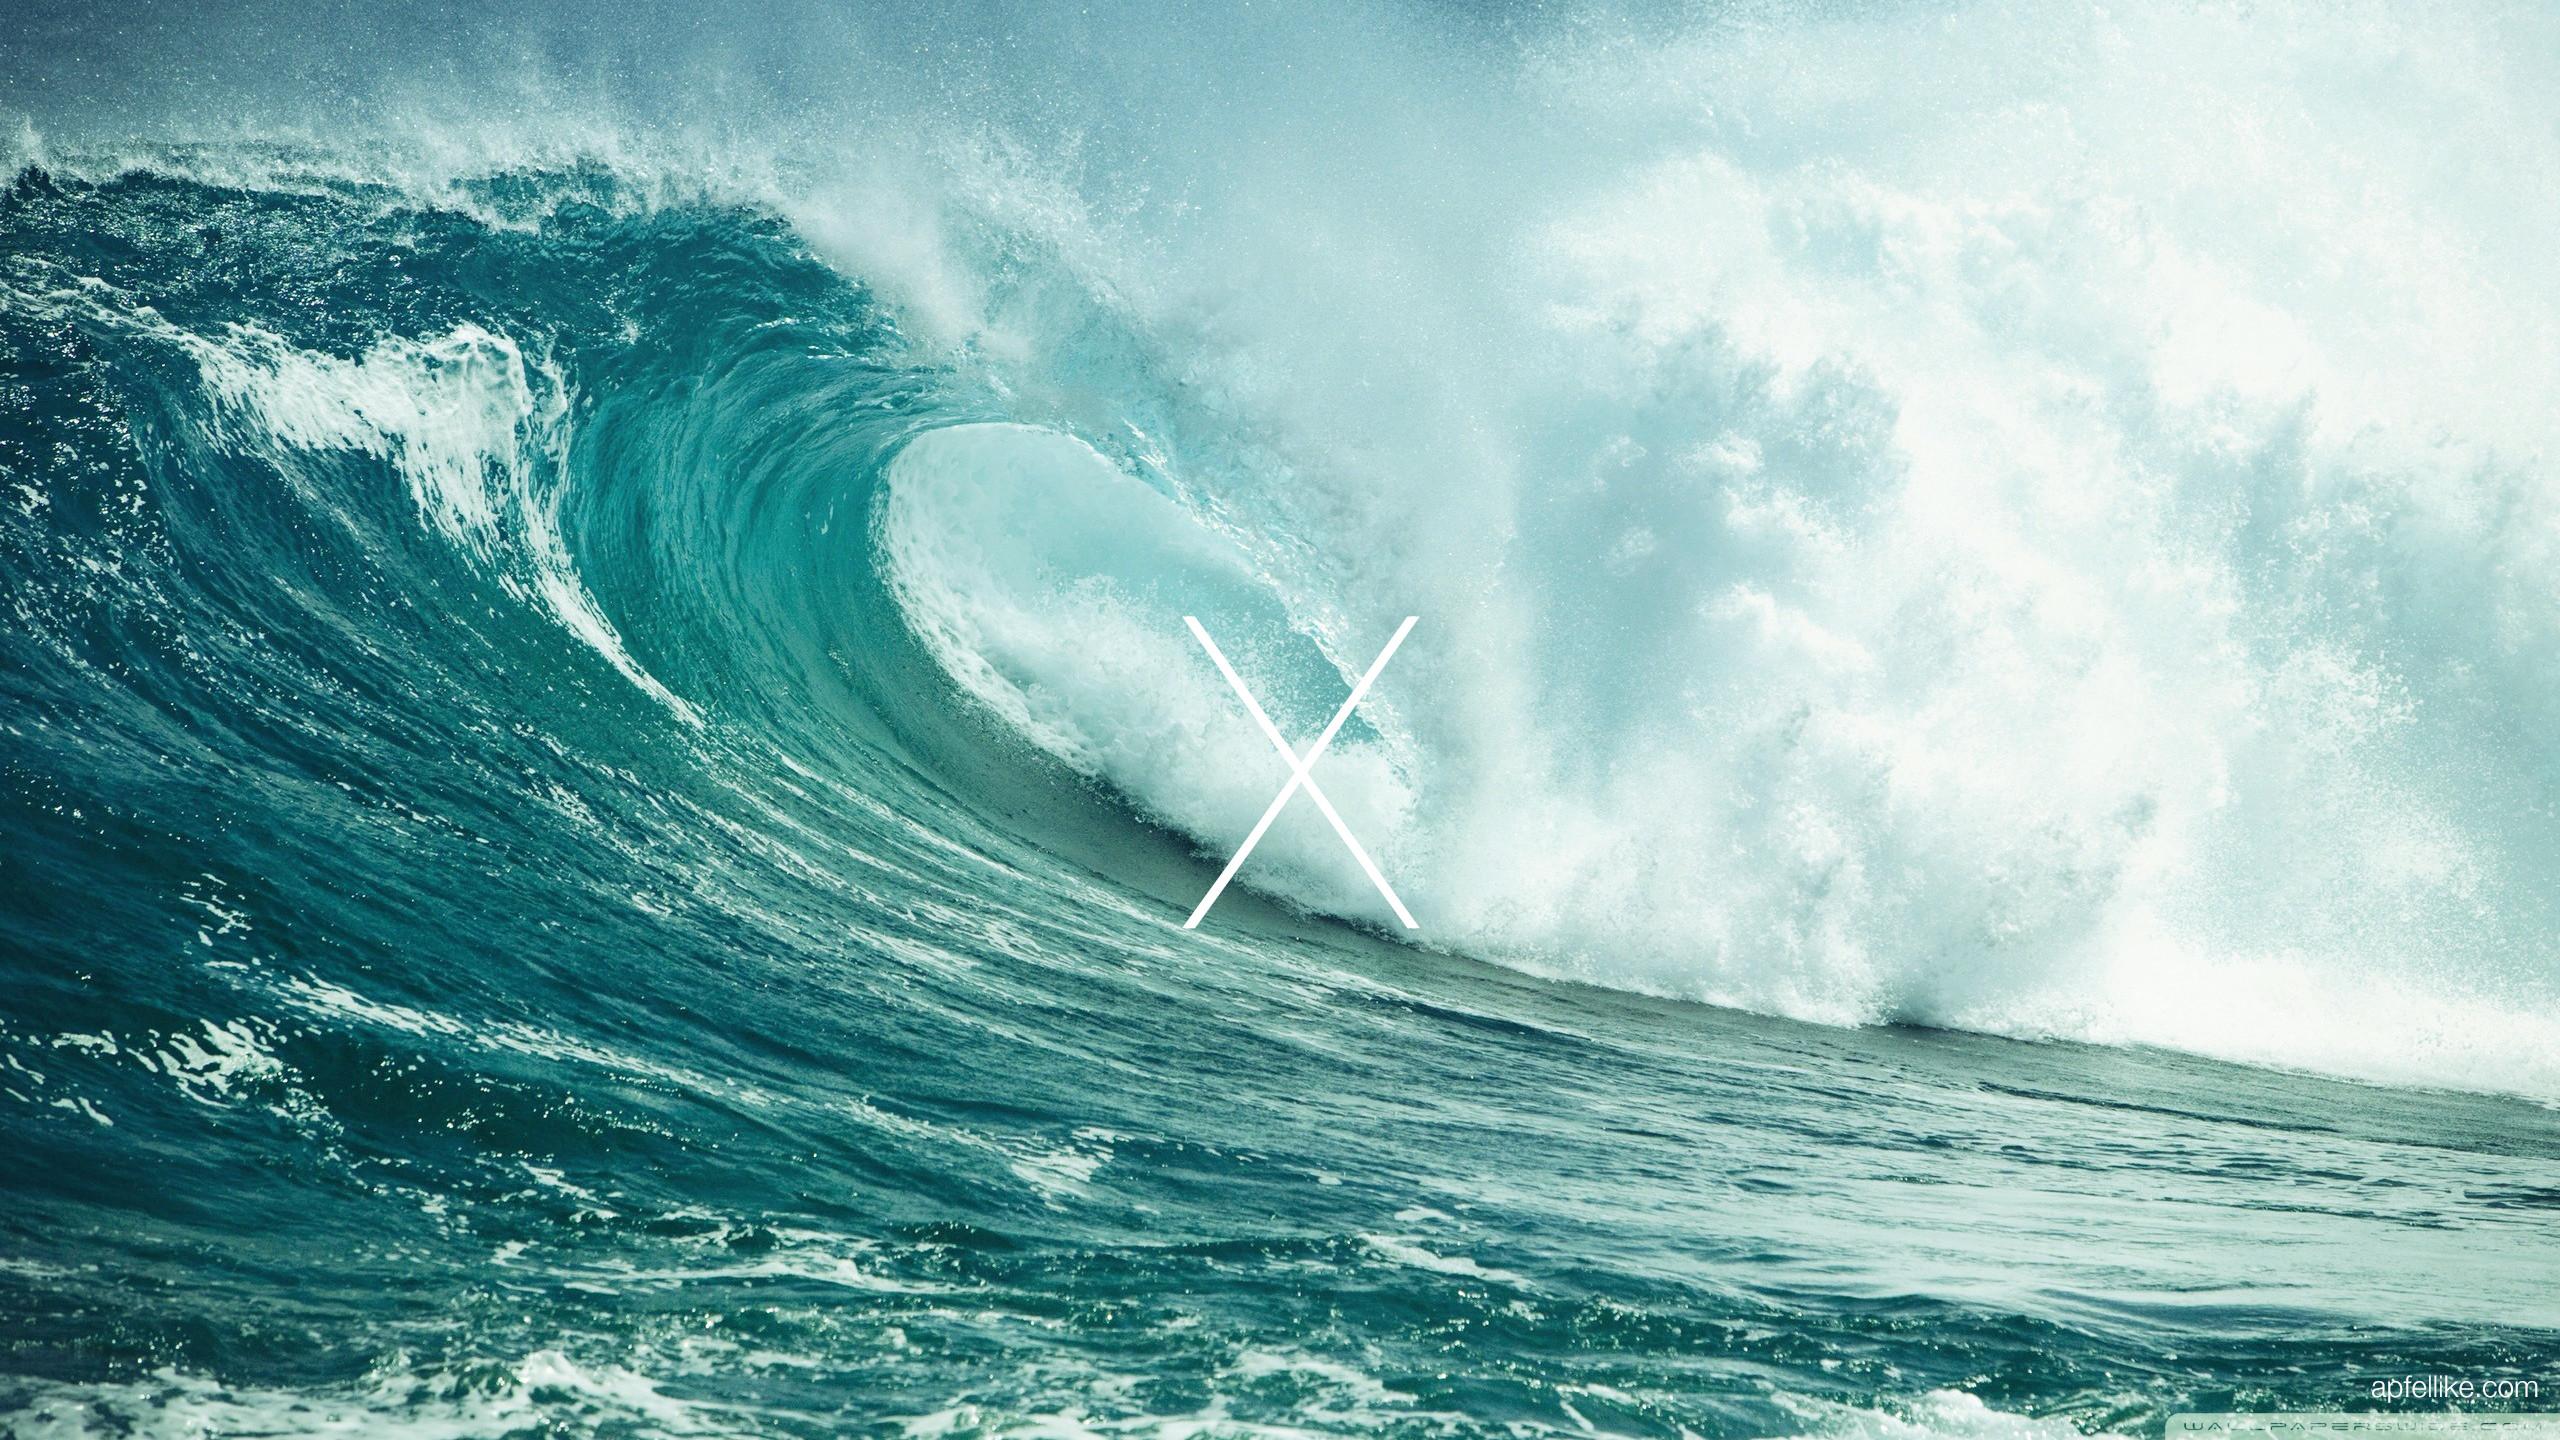 Mac Os X Lion Samsung Galaxy S5 Wallpapers - Ocean Wave Twitter Header - HD Wallpaper